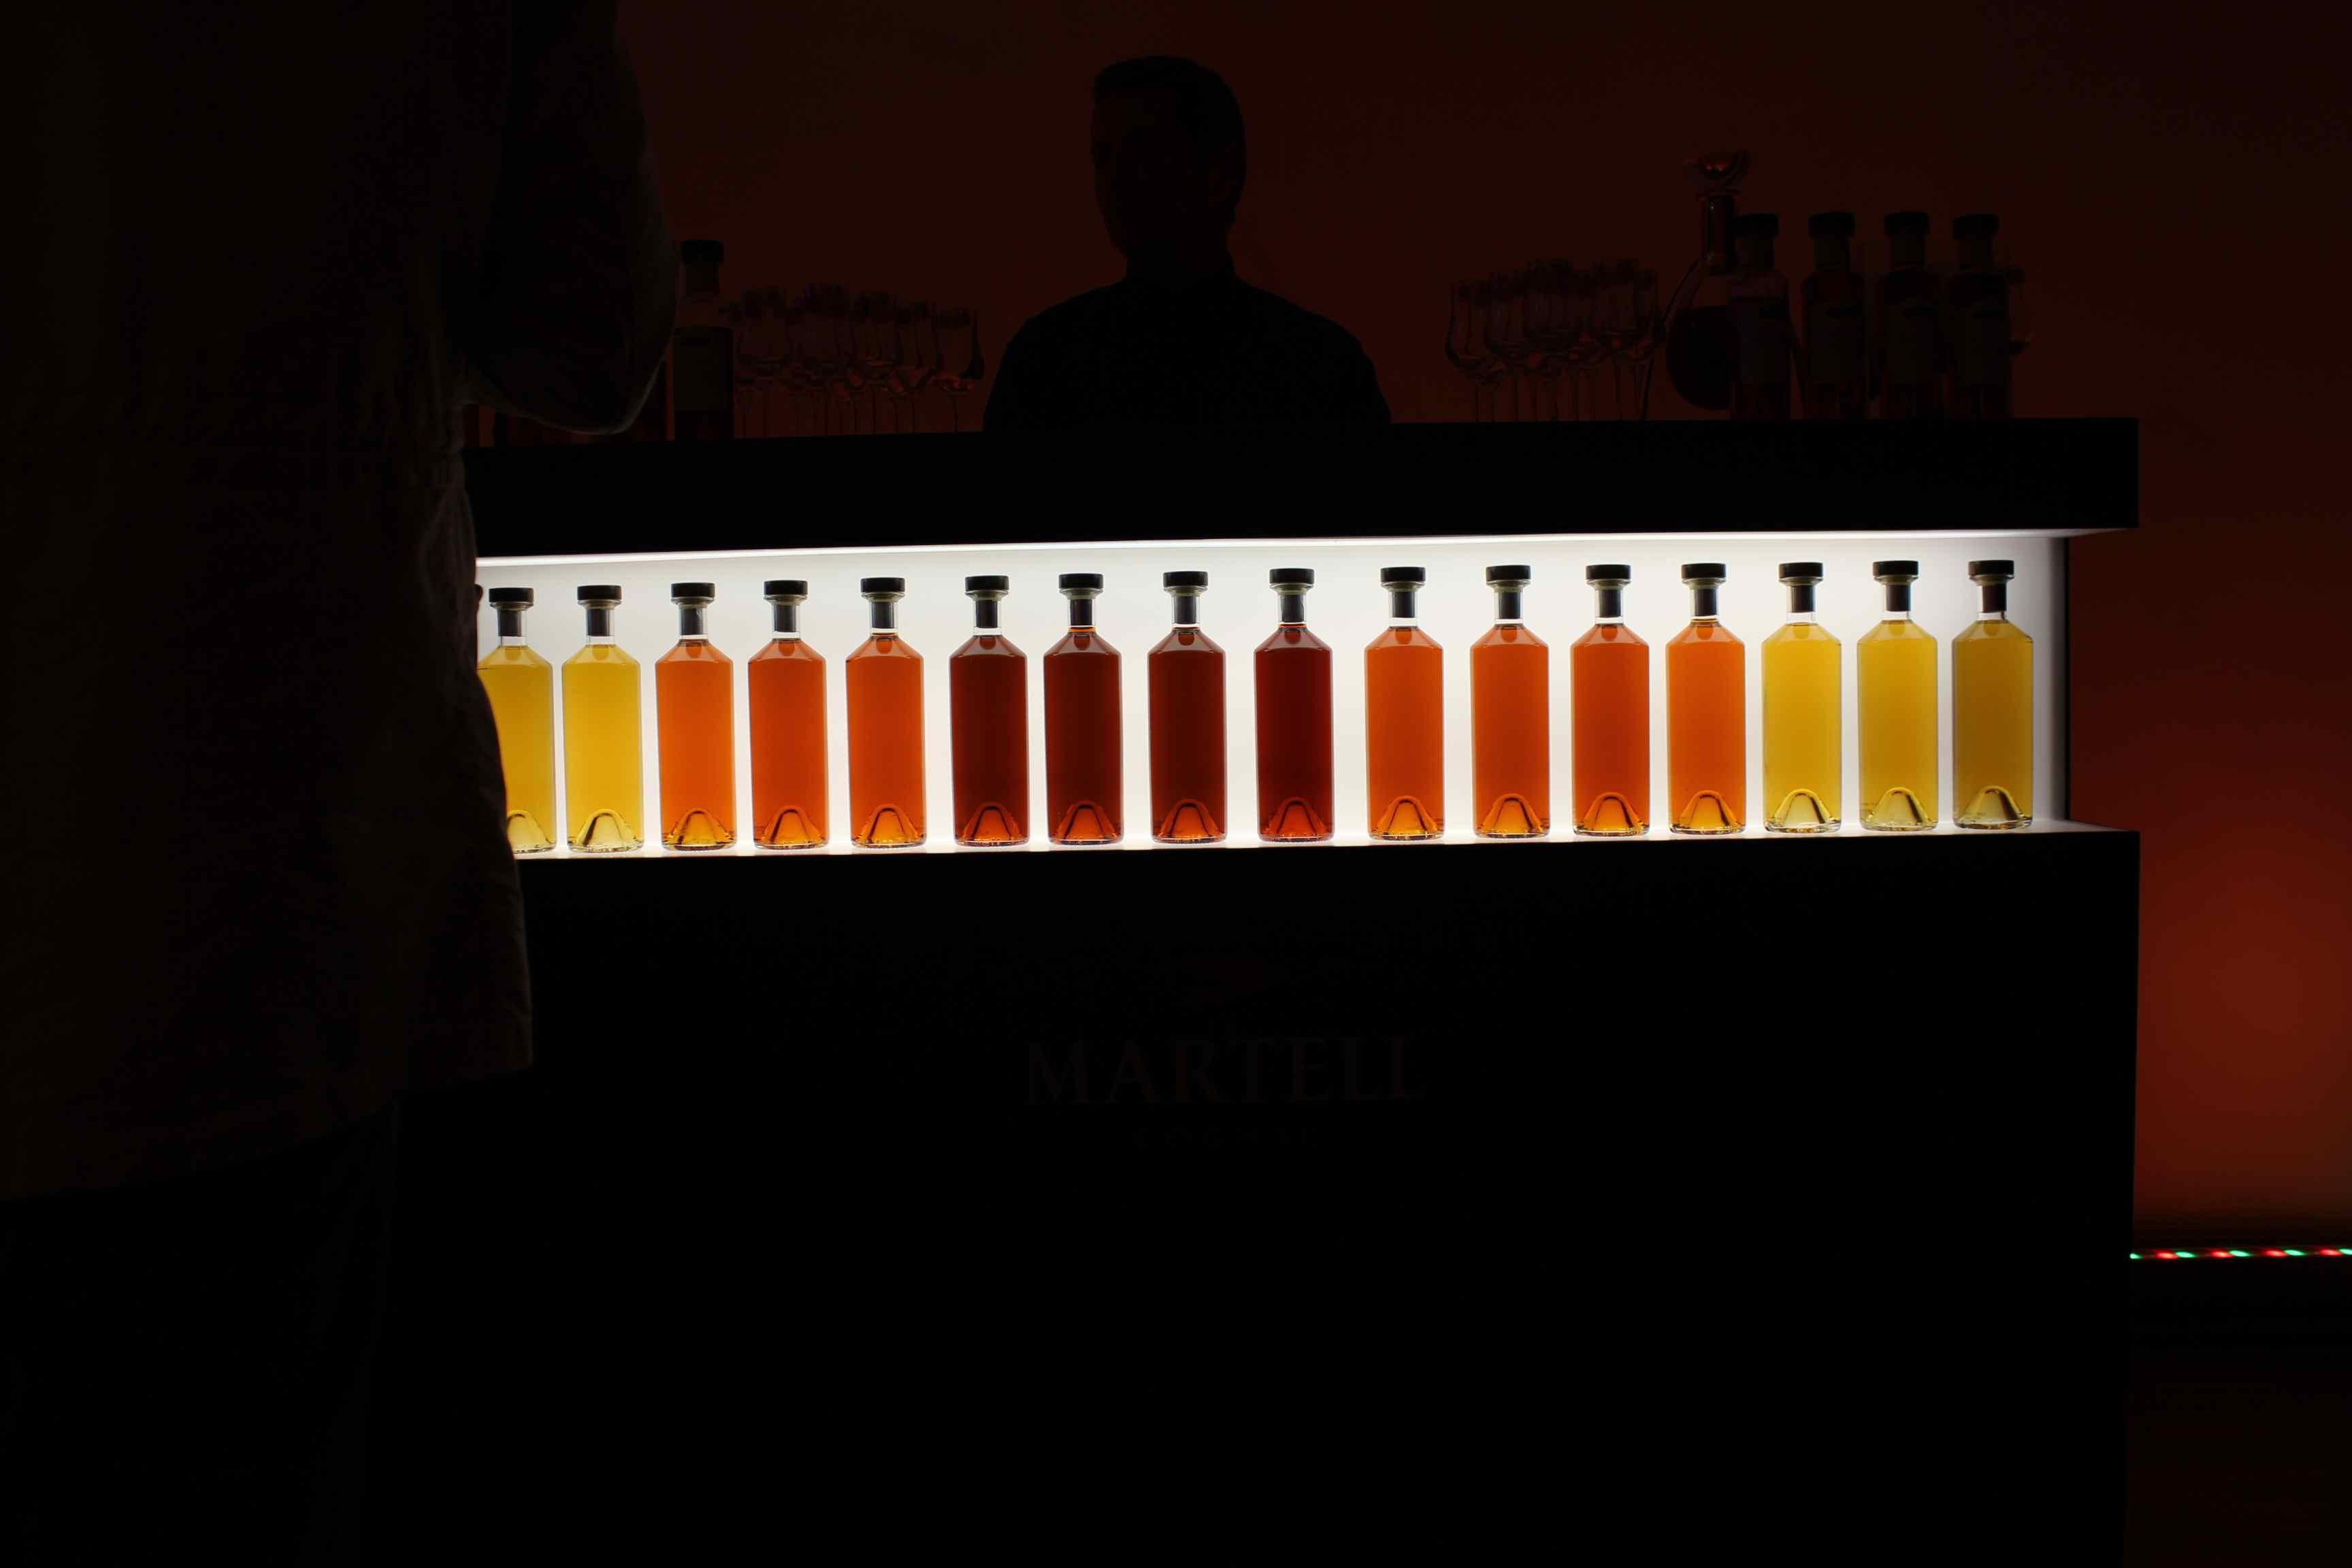 Unterschiedlich Alter Cognac: Farbe deutet Alter an